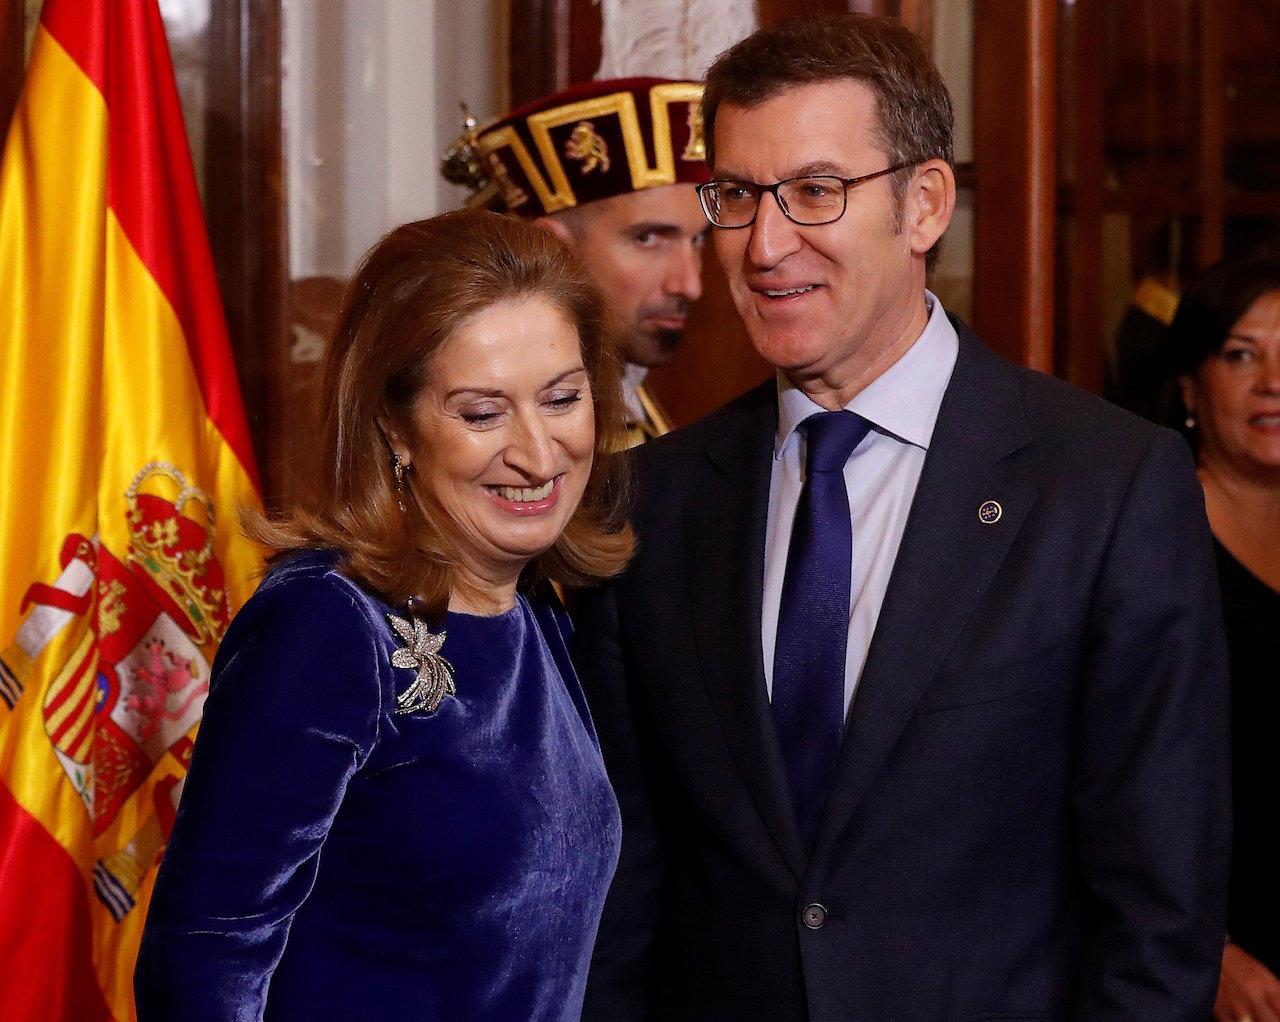 Ana Pastor, presidenta del Congreso, con el máximo mandatario de la Xunta, Núñez Feijóo, durante los actos celebrados este miércoles en Madrid - FOTO: Efe